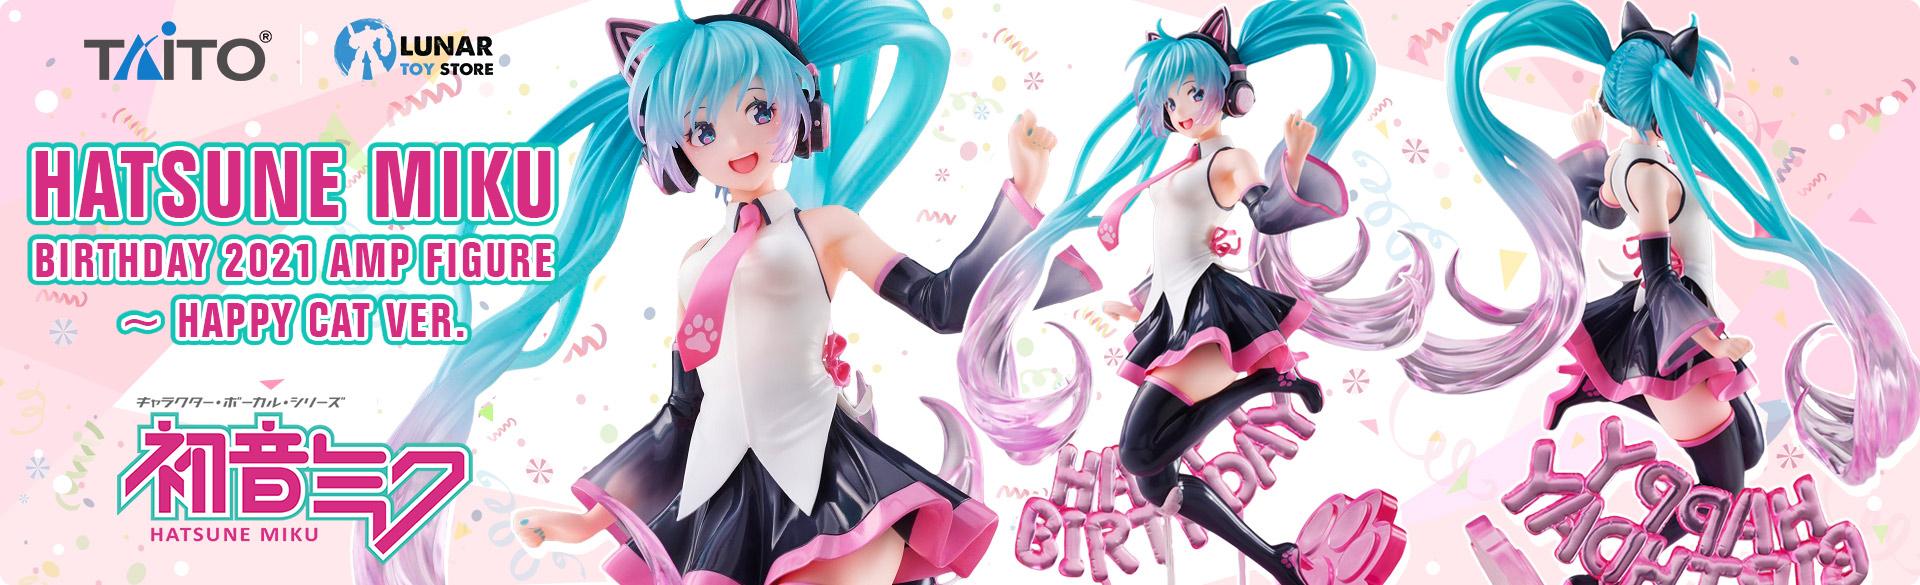 Hatsune Miku Birthday2021